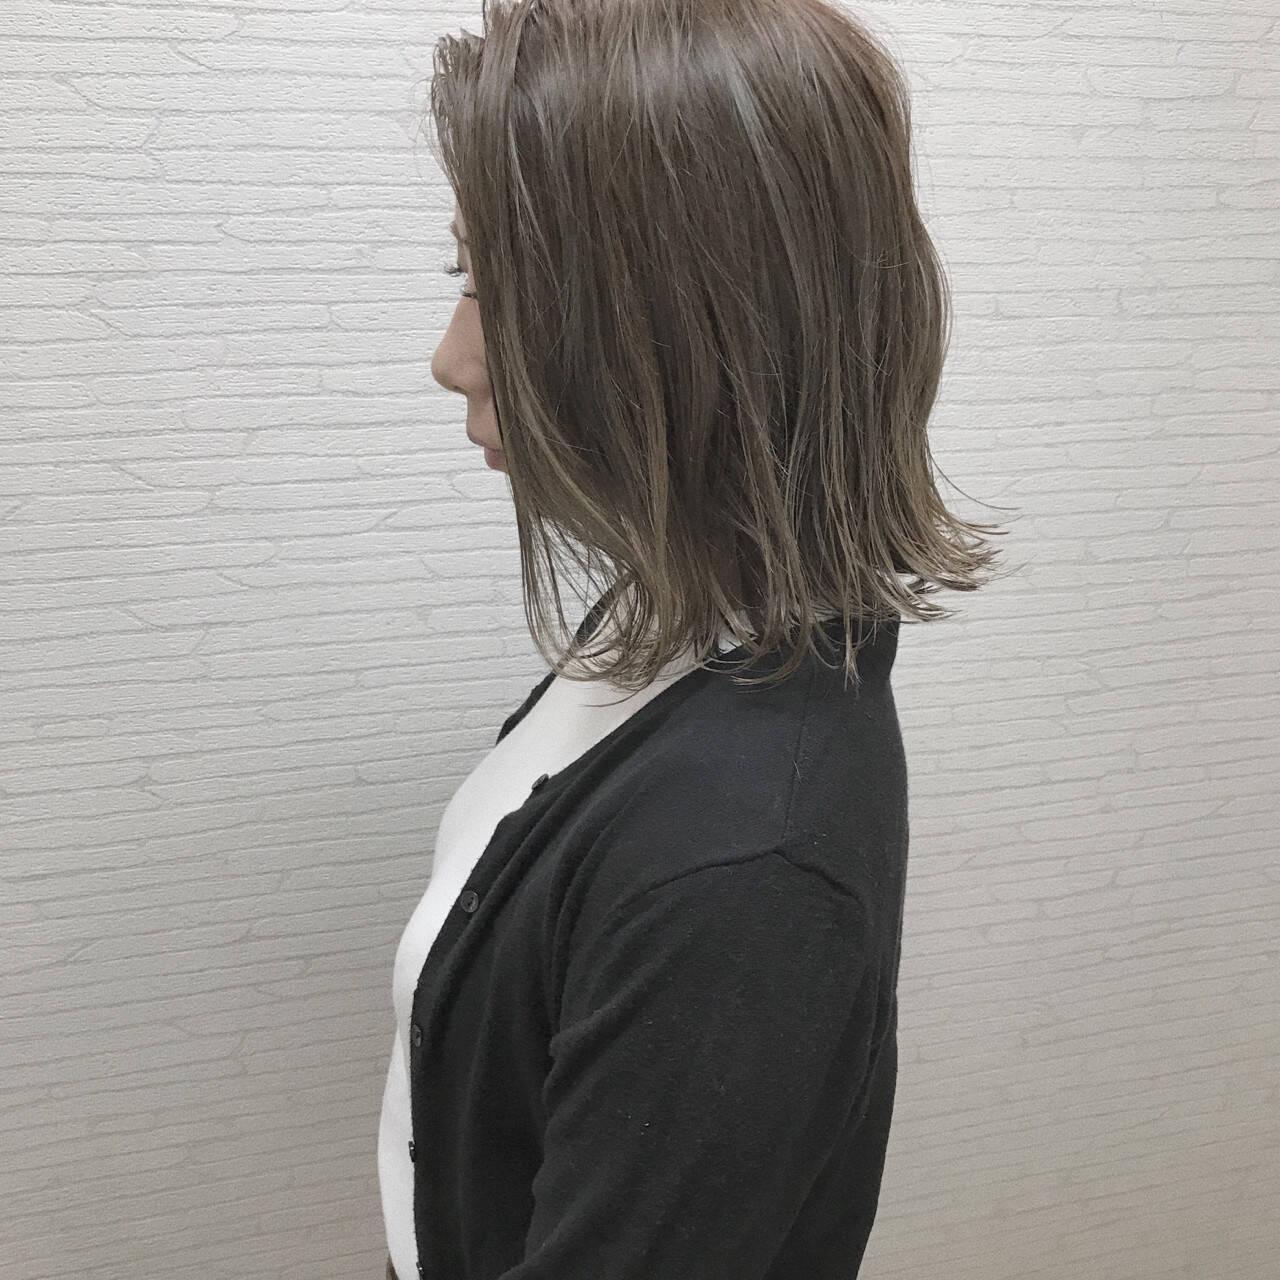 涼しげ 切りっぱなし 外国人風カラー ヘアアレンジヘアスタイルや髪型の写真・画像